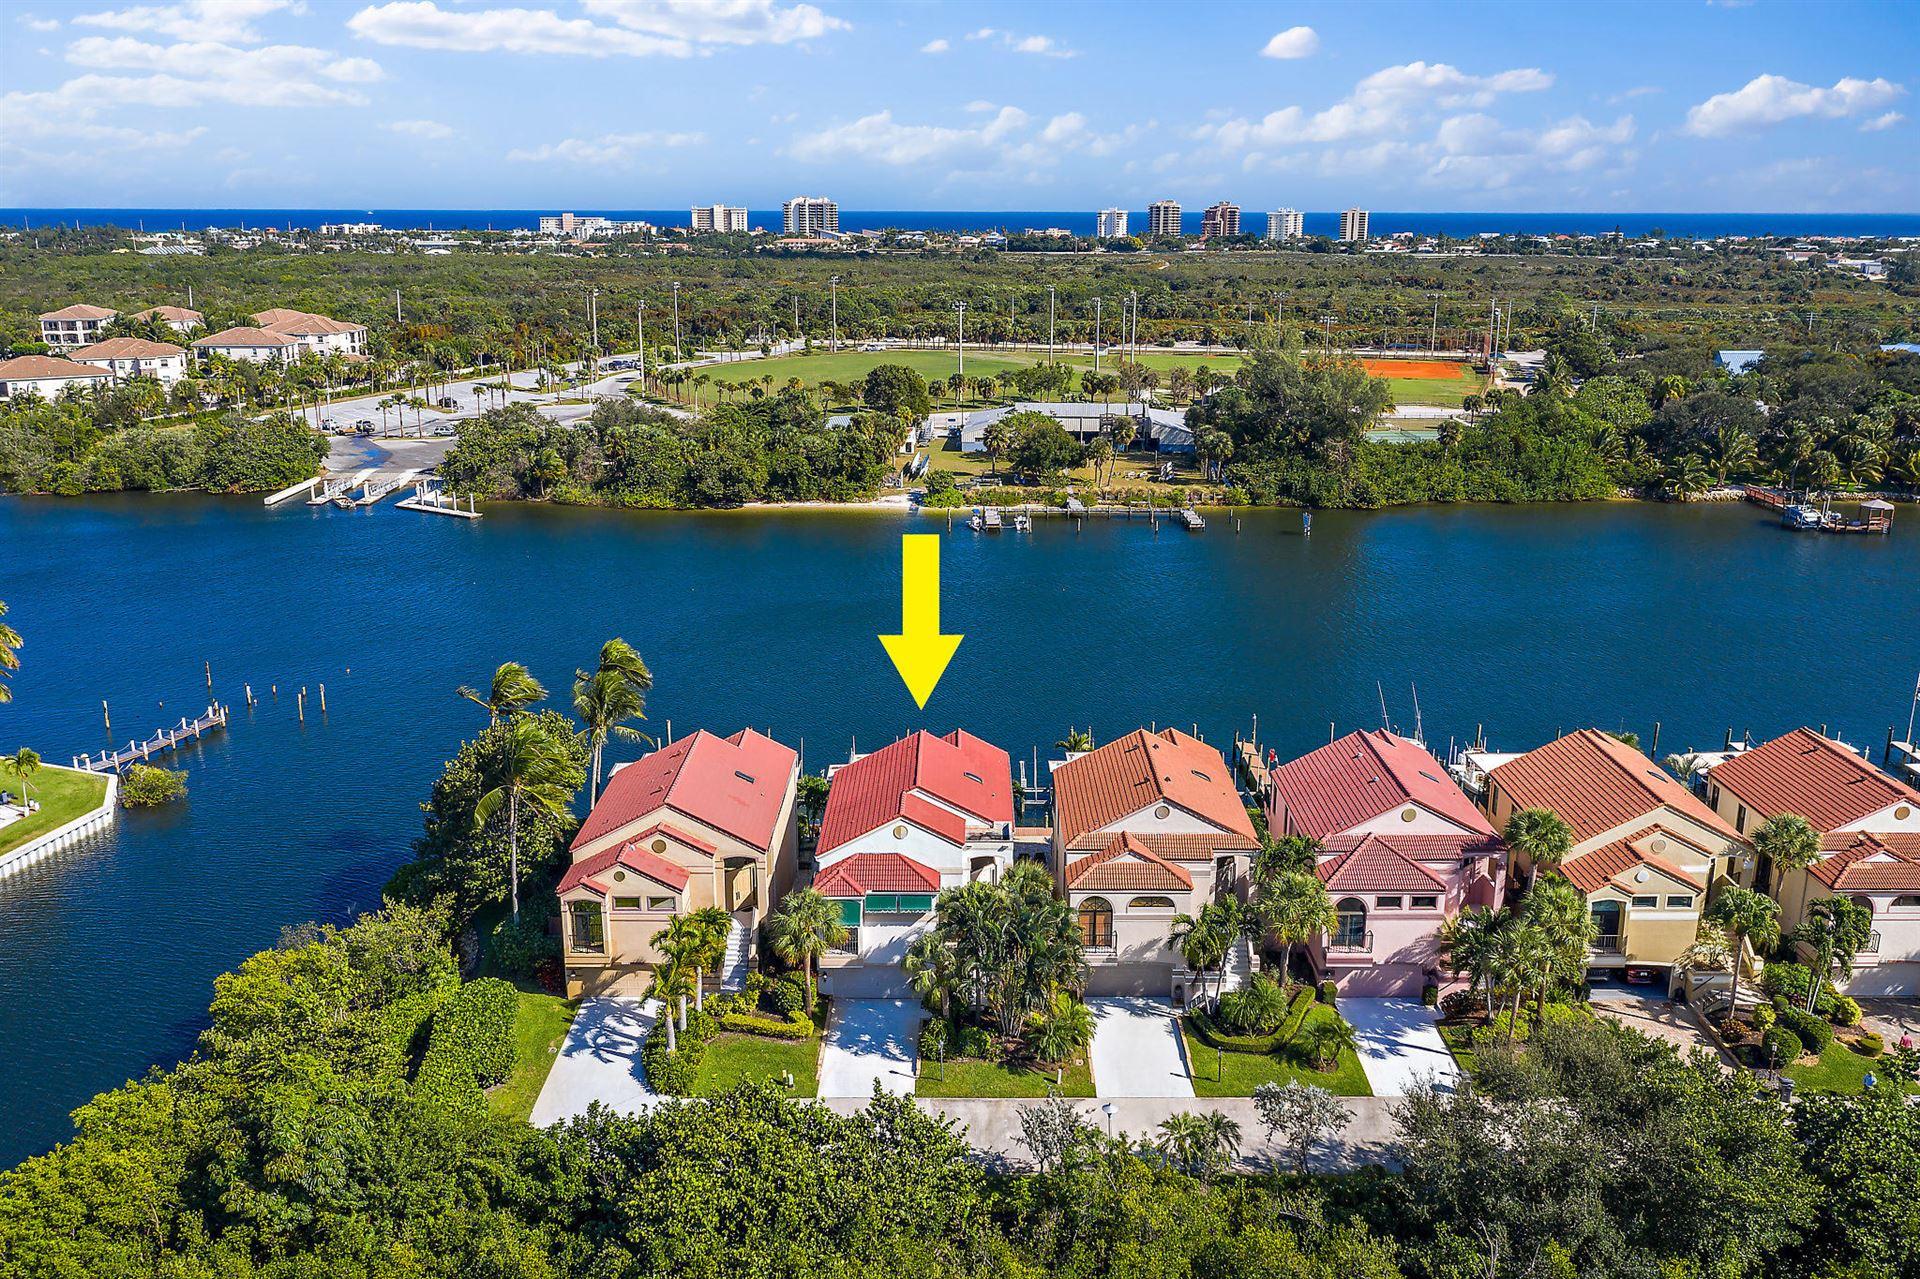 13404 Mangrove Isle Drive, Palm Beach Gardens, FL 33410 - #: RX-10635182